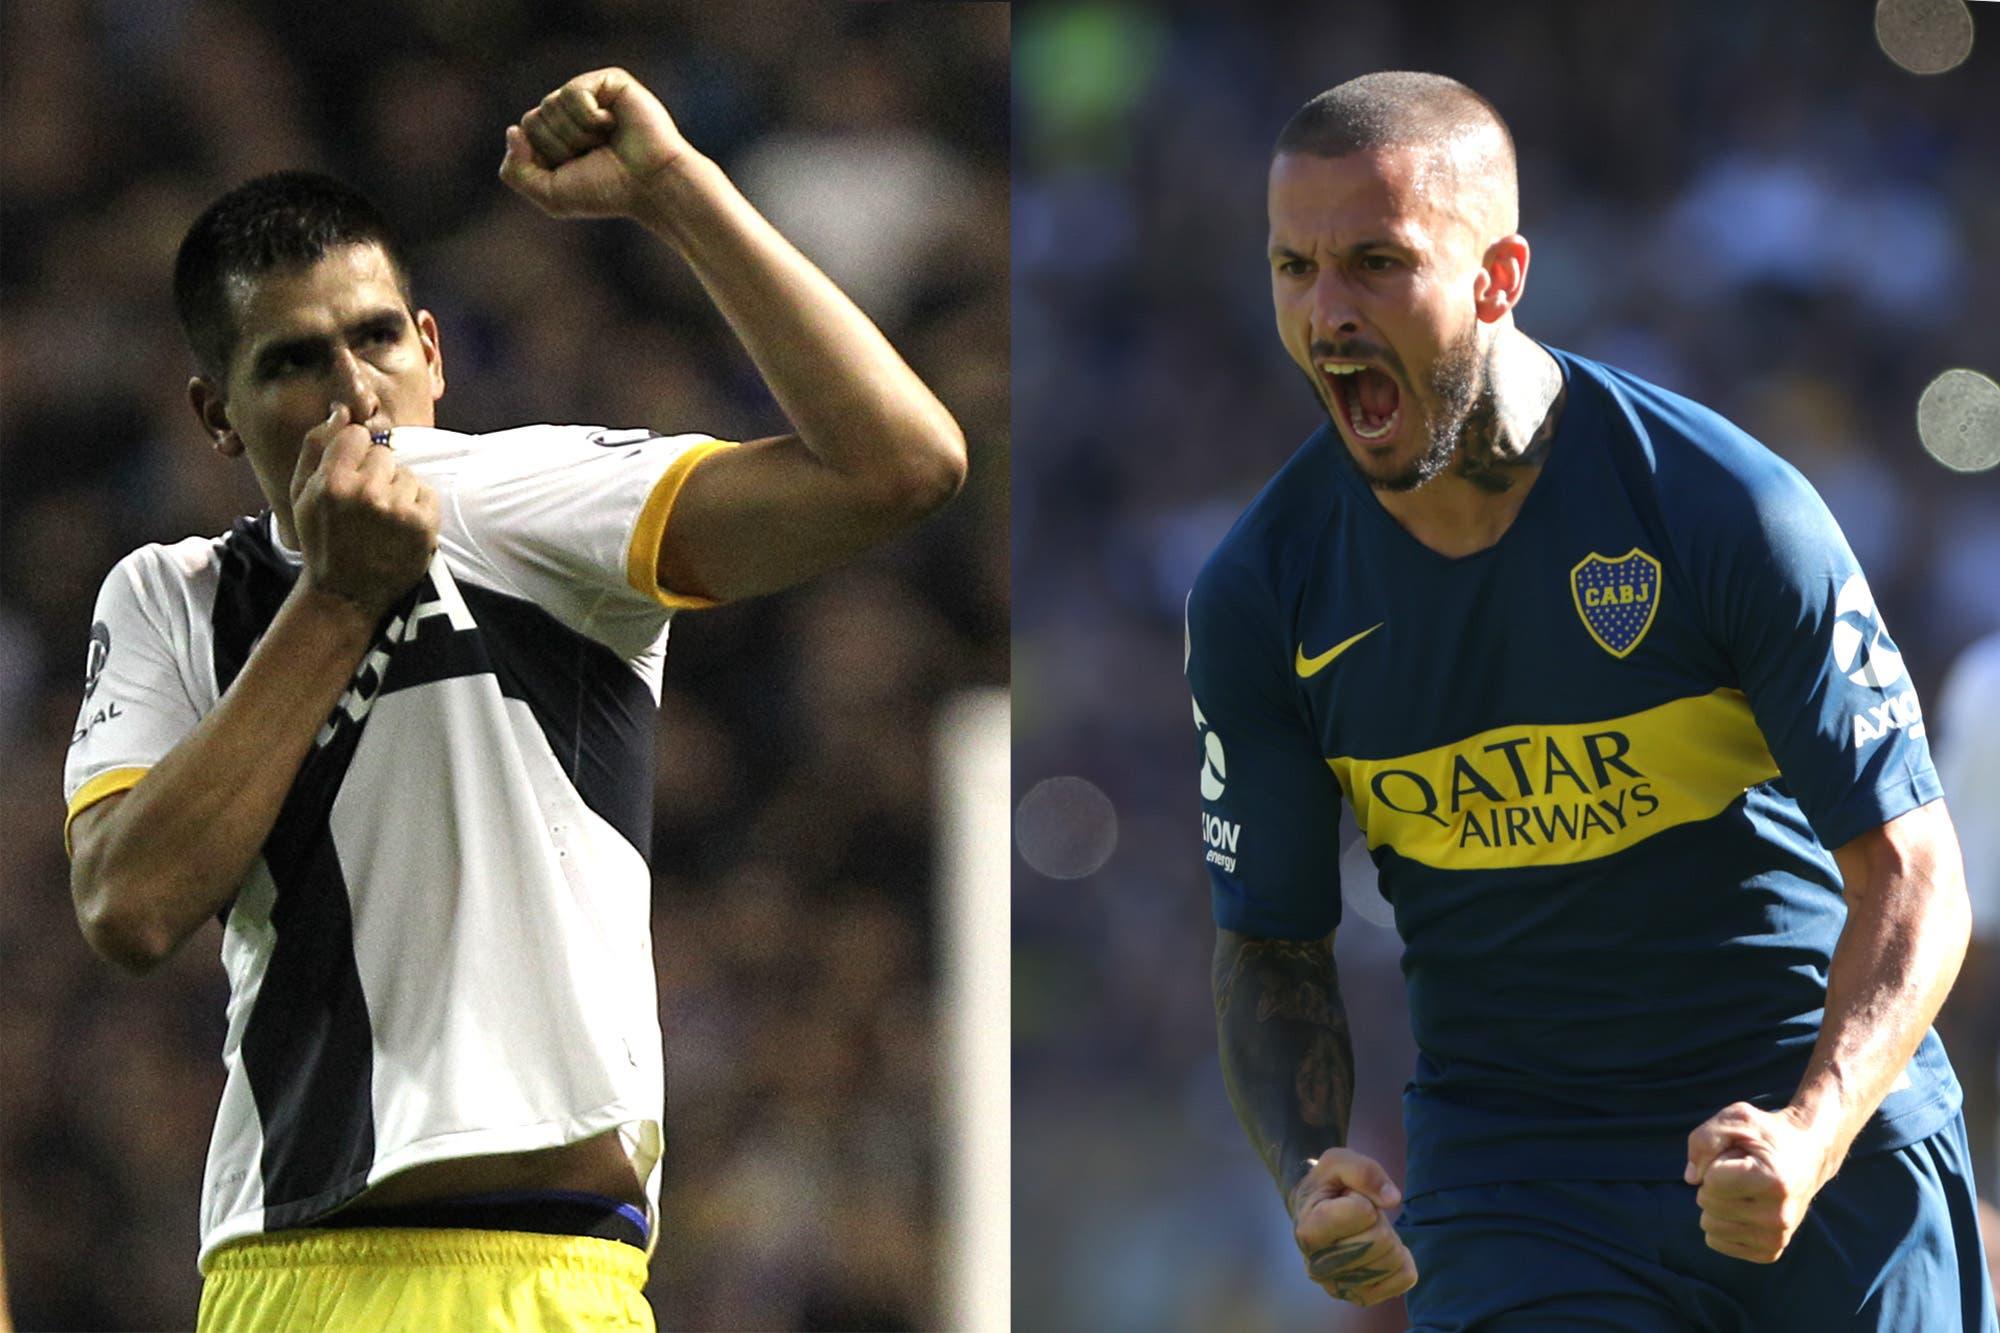 Boca: la chance de Viatri, el dilema con los número 9 y el vacío tras la salida de Darío Benedetto